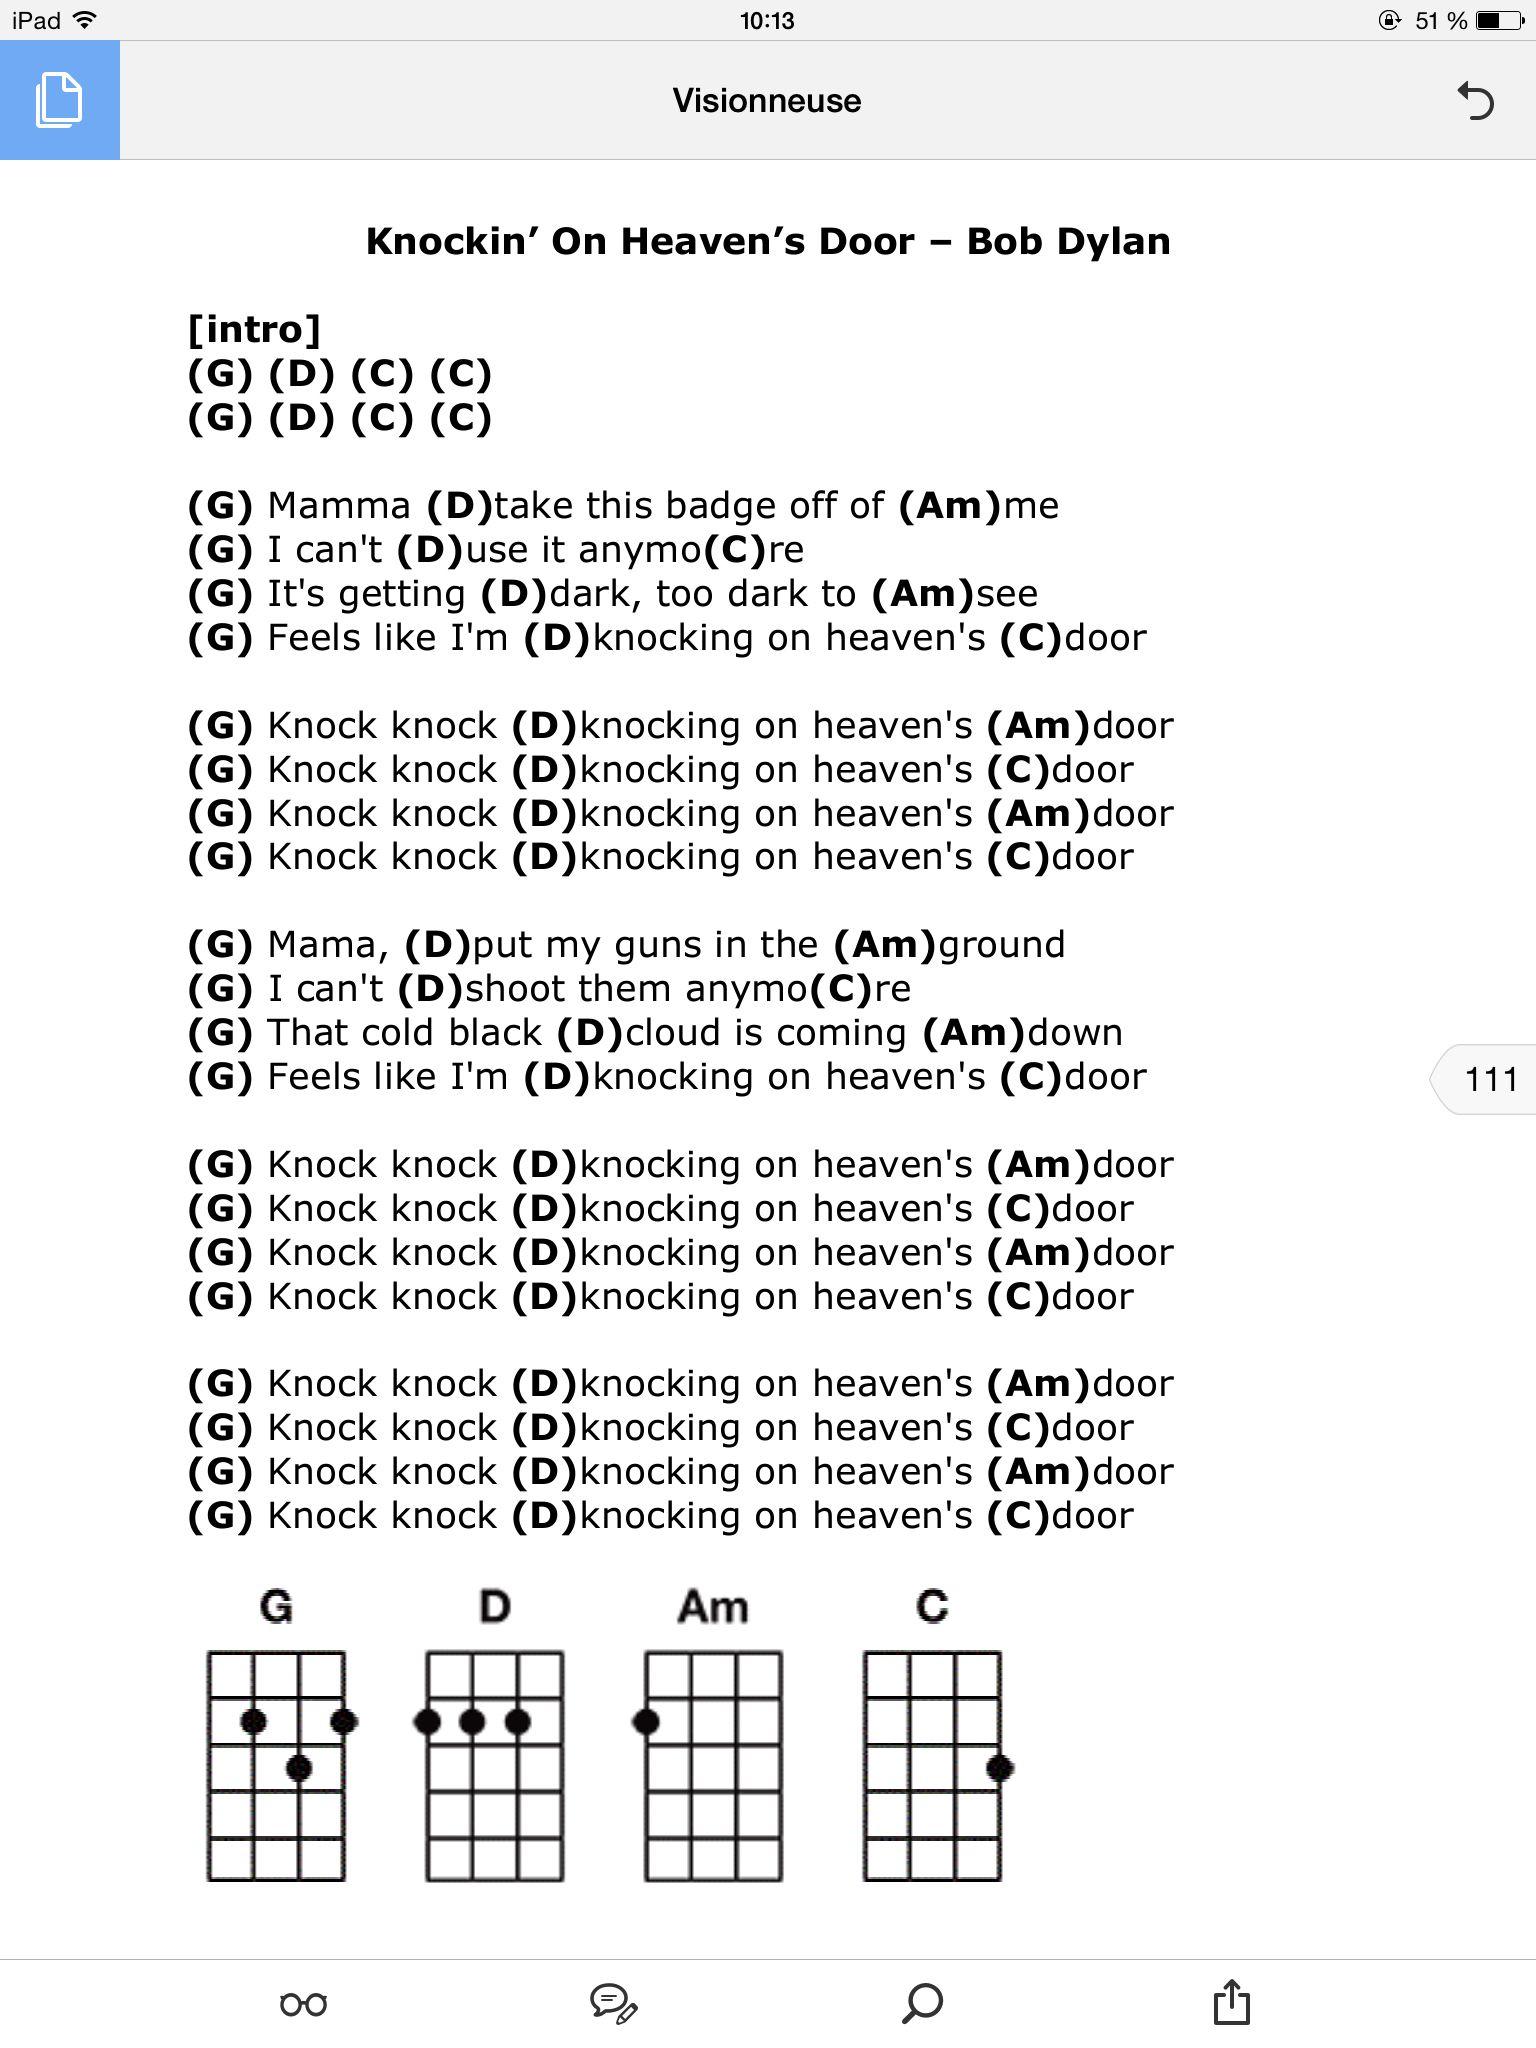 Knockin On Heaven S Door Guitar Chords And Lyrics Ukulele Chords Songs Ukulele Songs